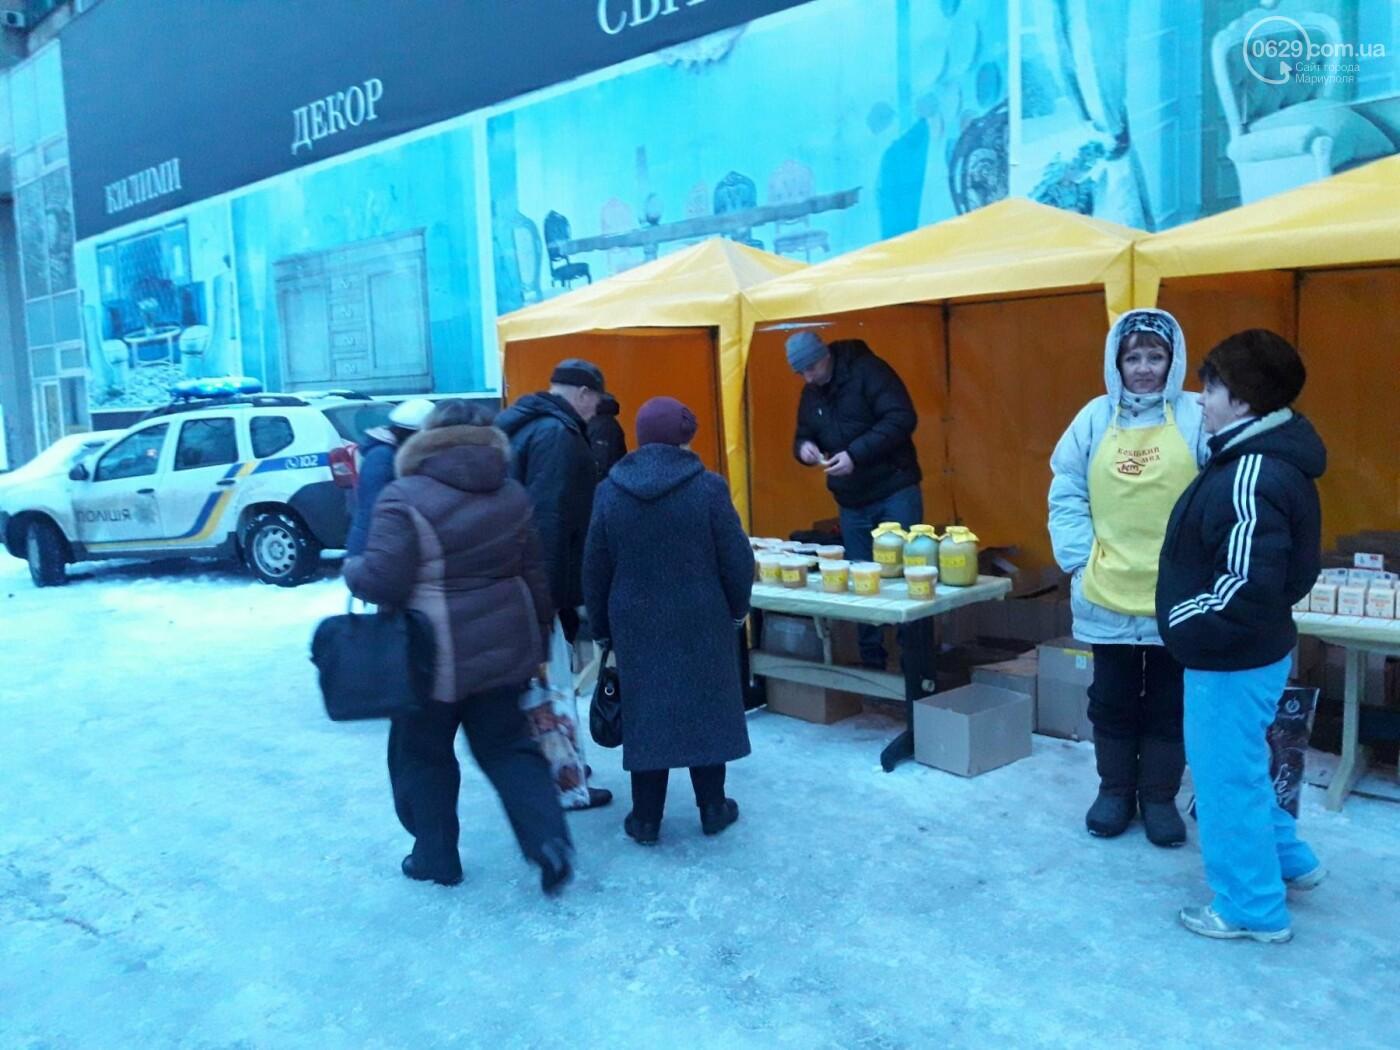 В Мариуполе на площади Кирова обнаружен опасный чемодан. Работают саперы (ФОТО), фото-4